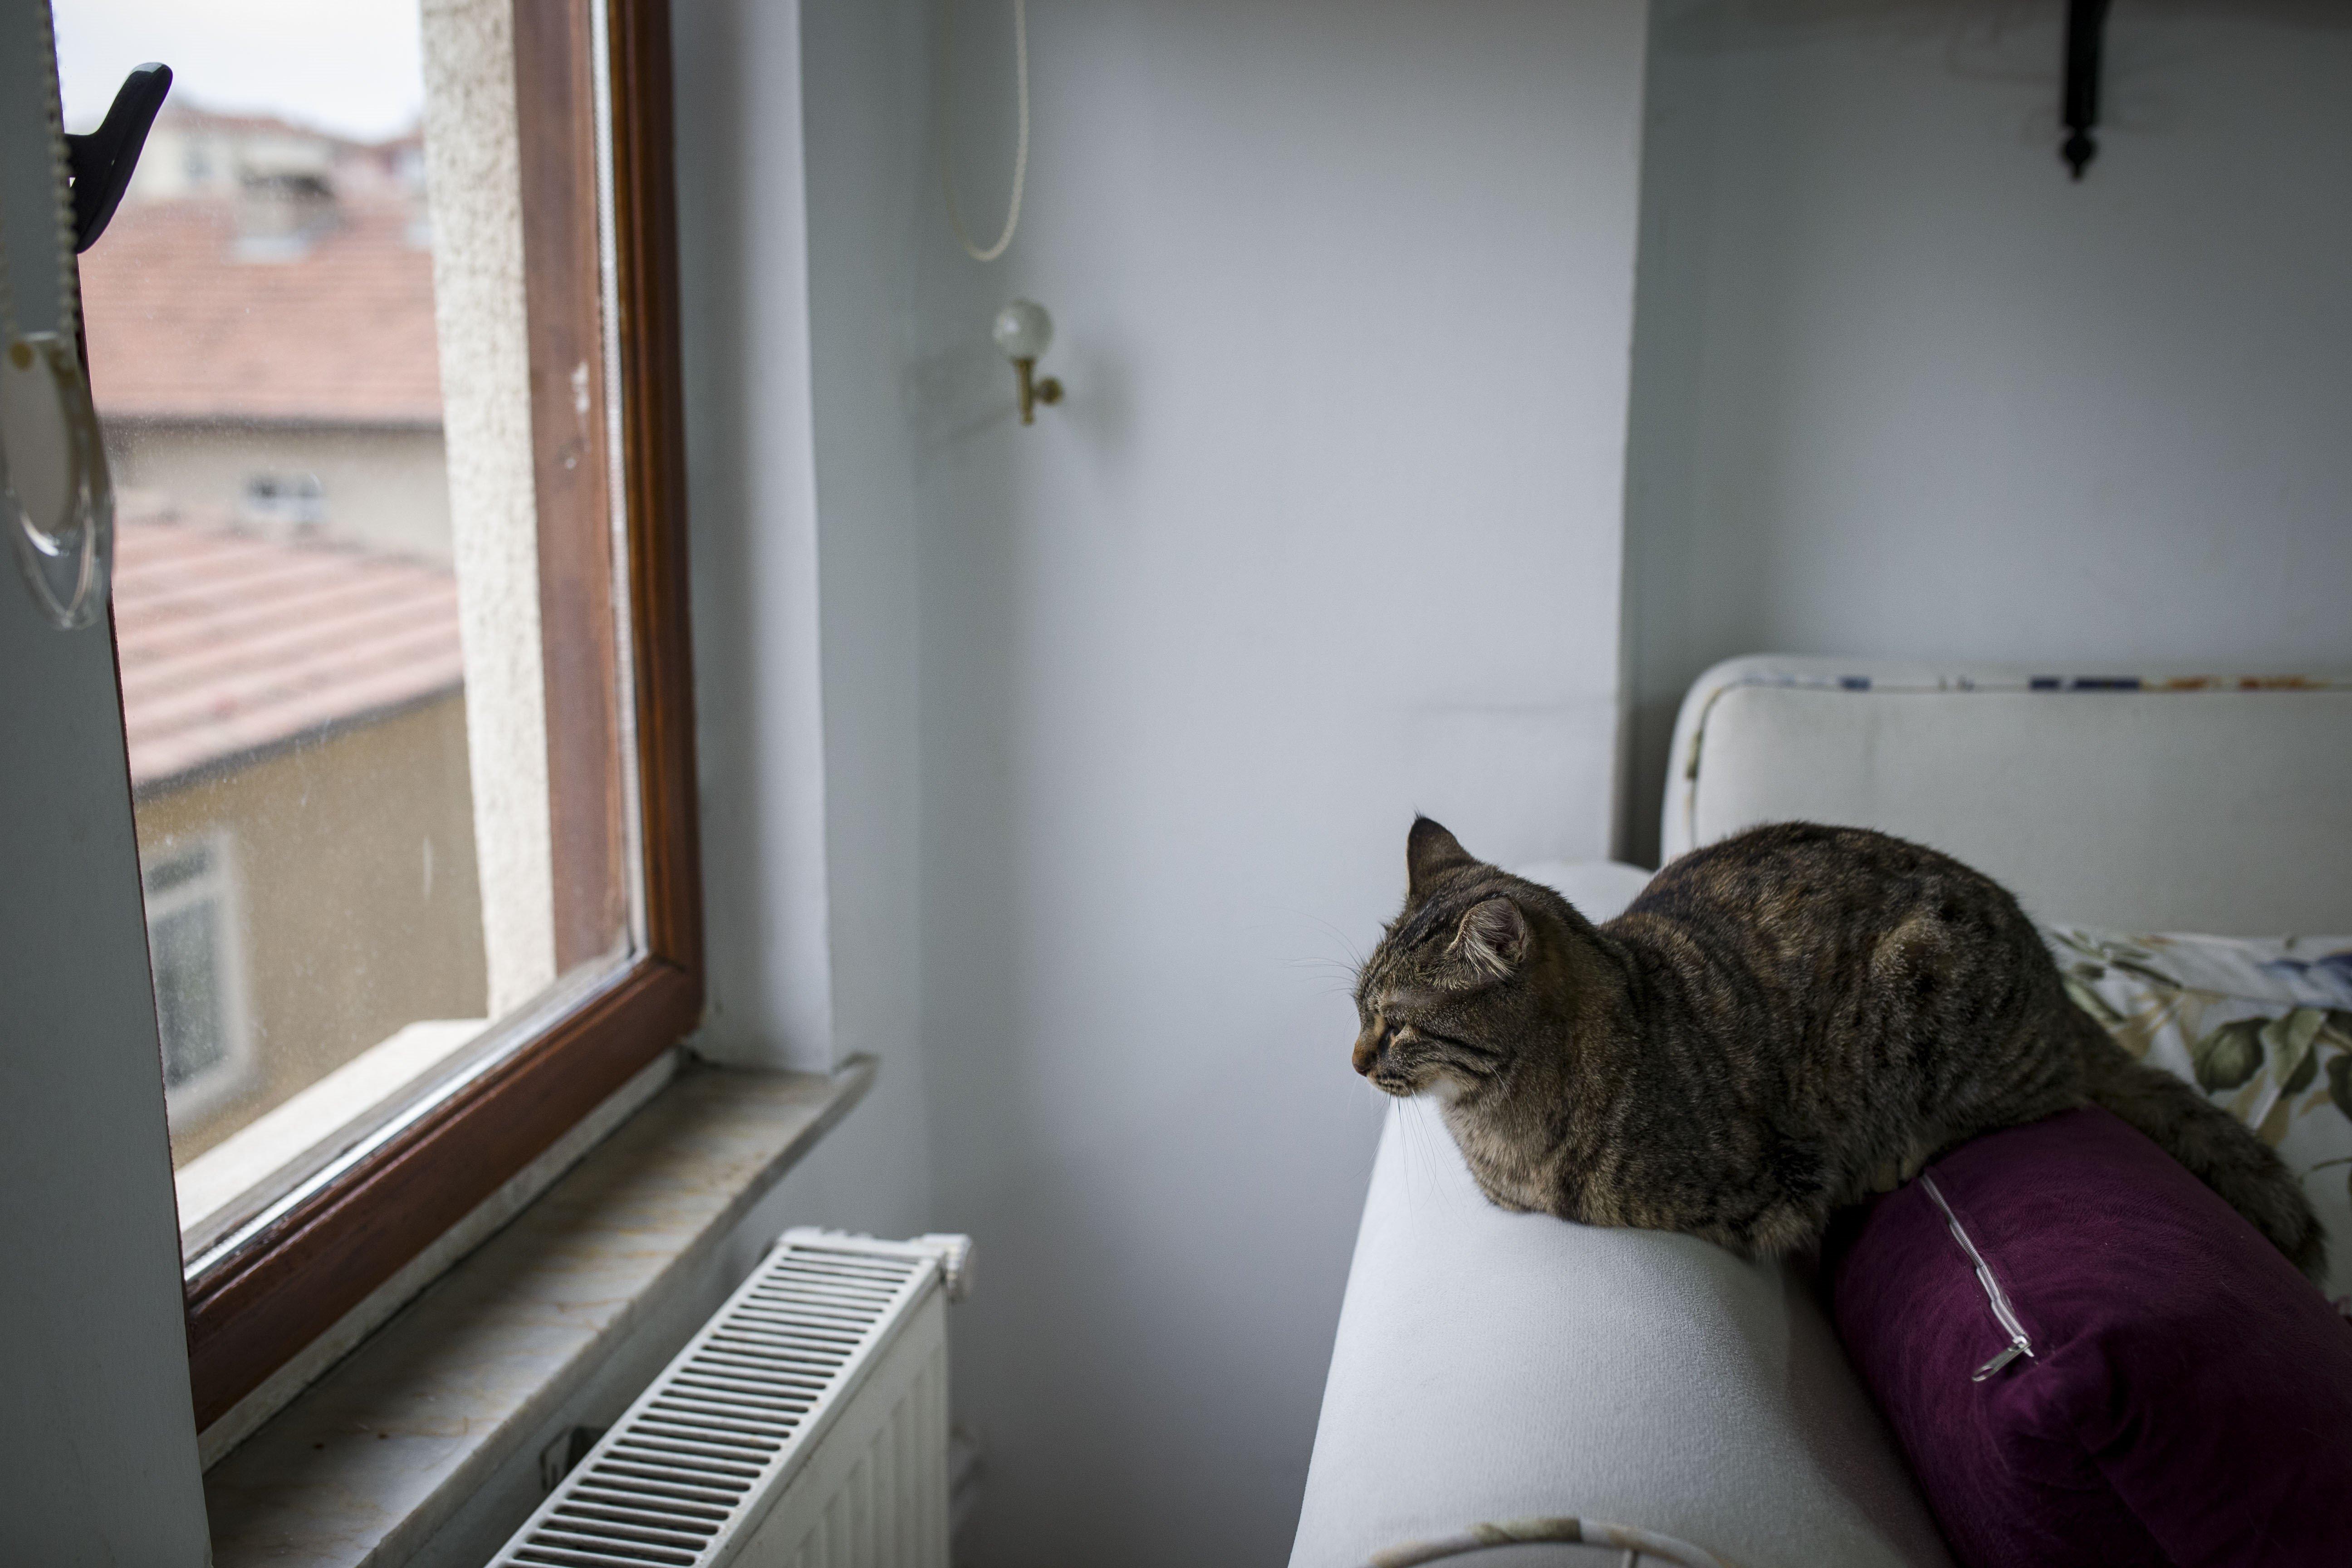 Weil eine Katze sich bemerkbar machte, rettete sie ihre Besitzer. (Symbolbild)